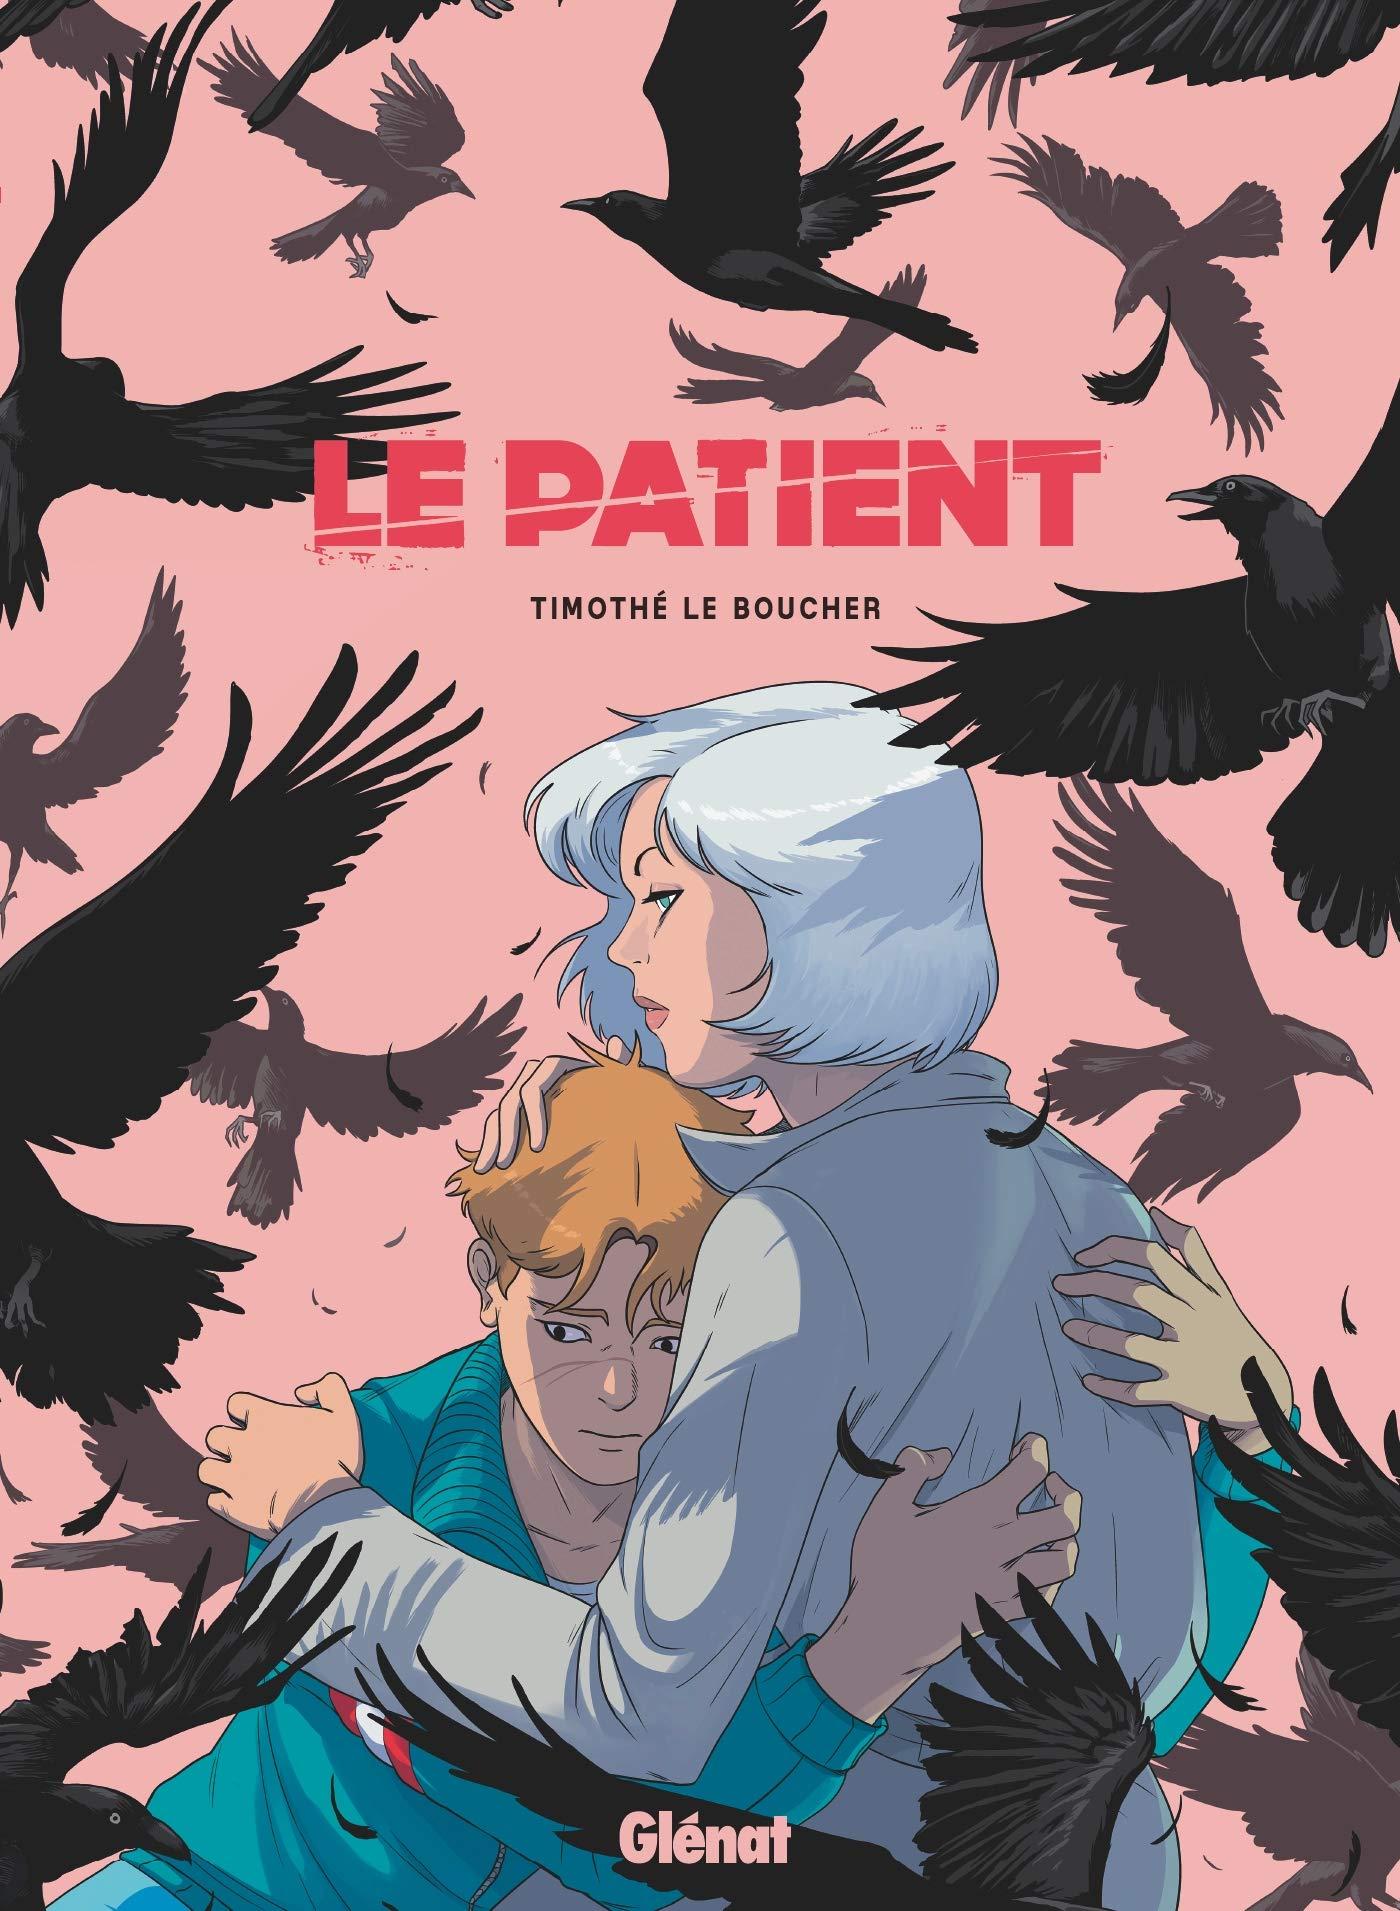 Le patient 1